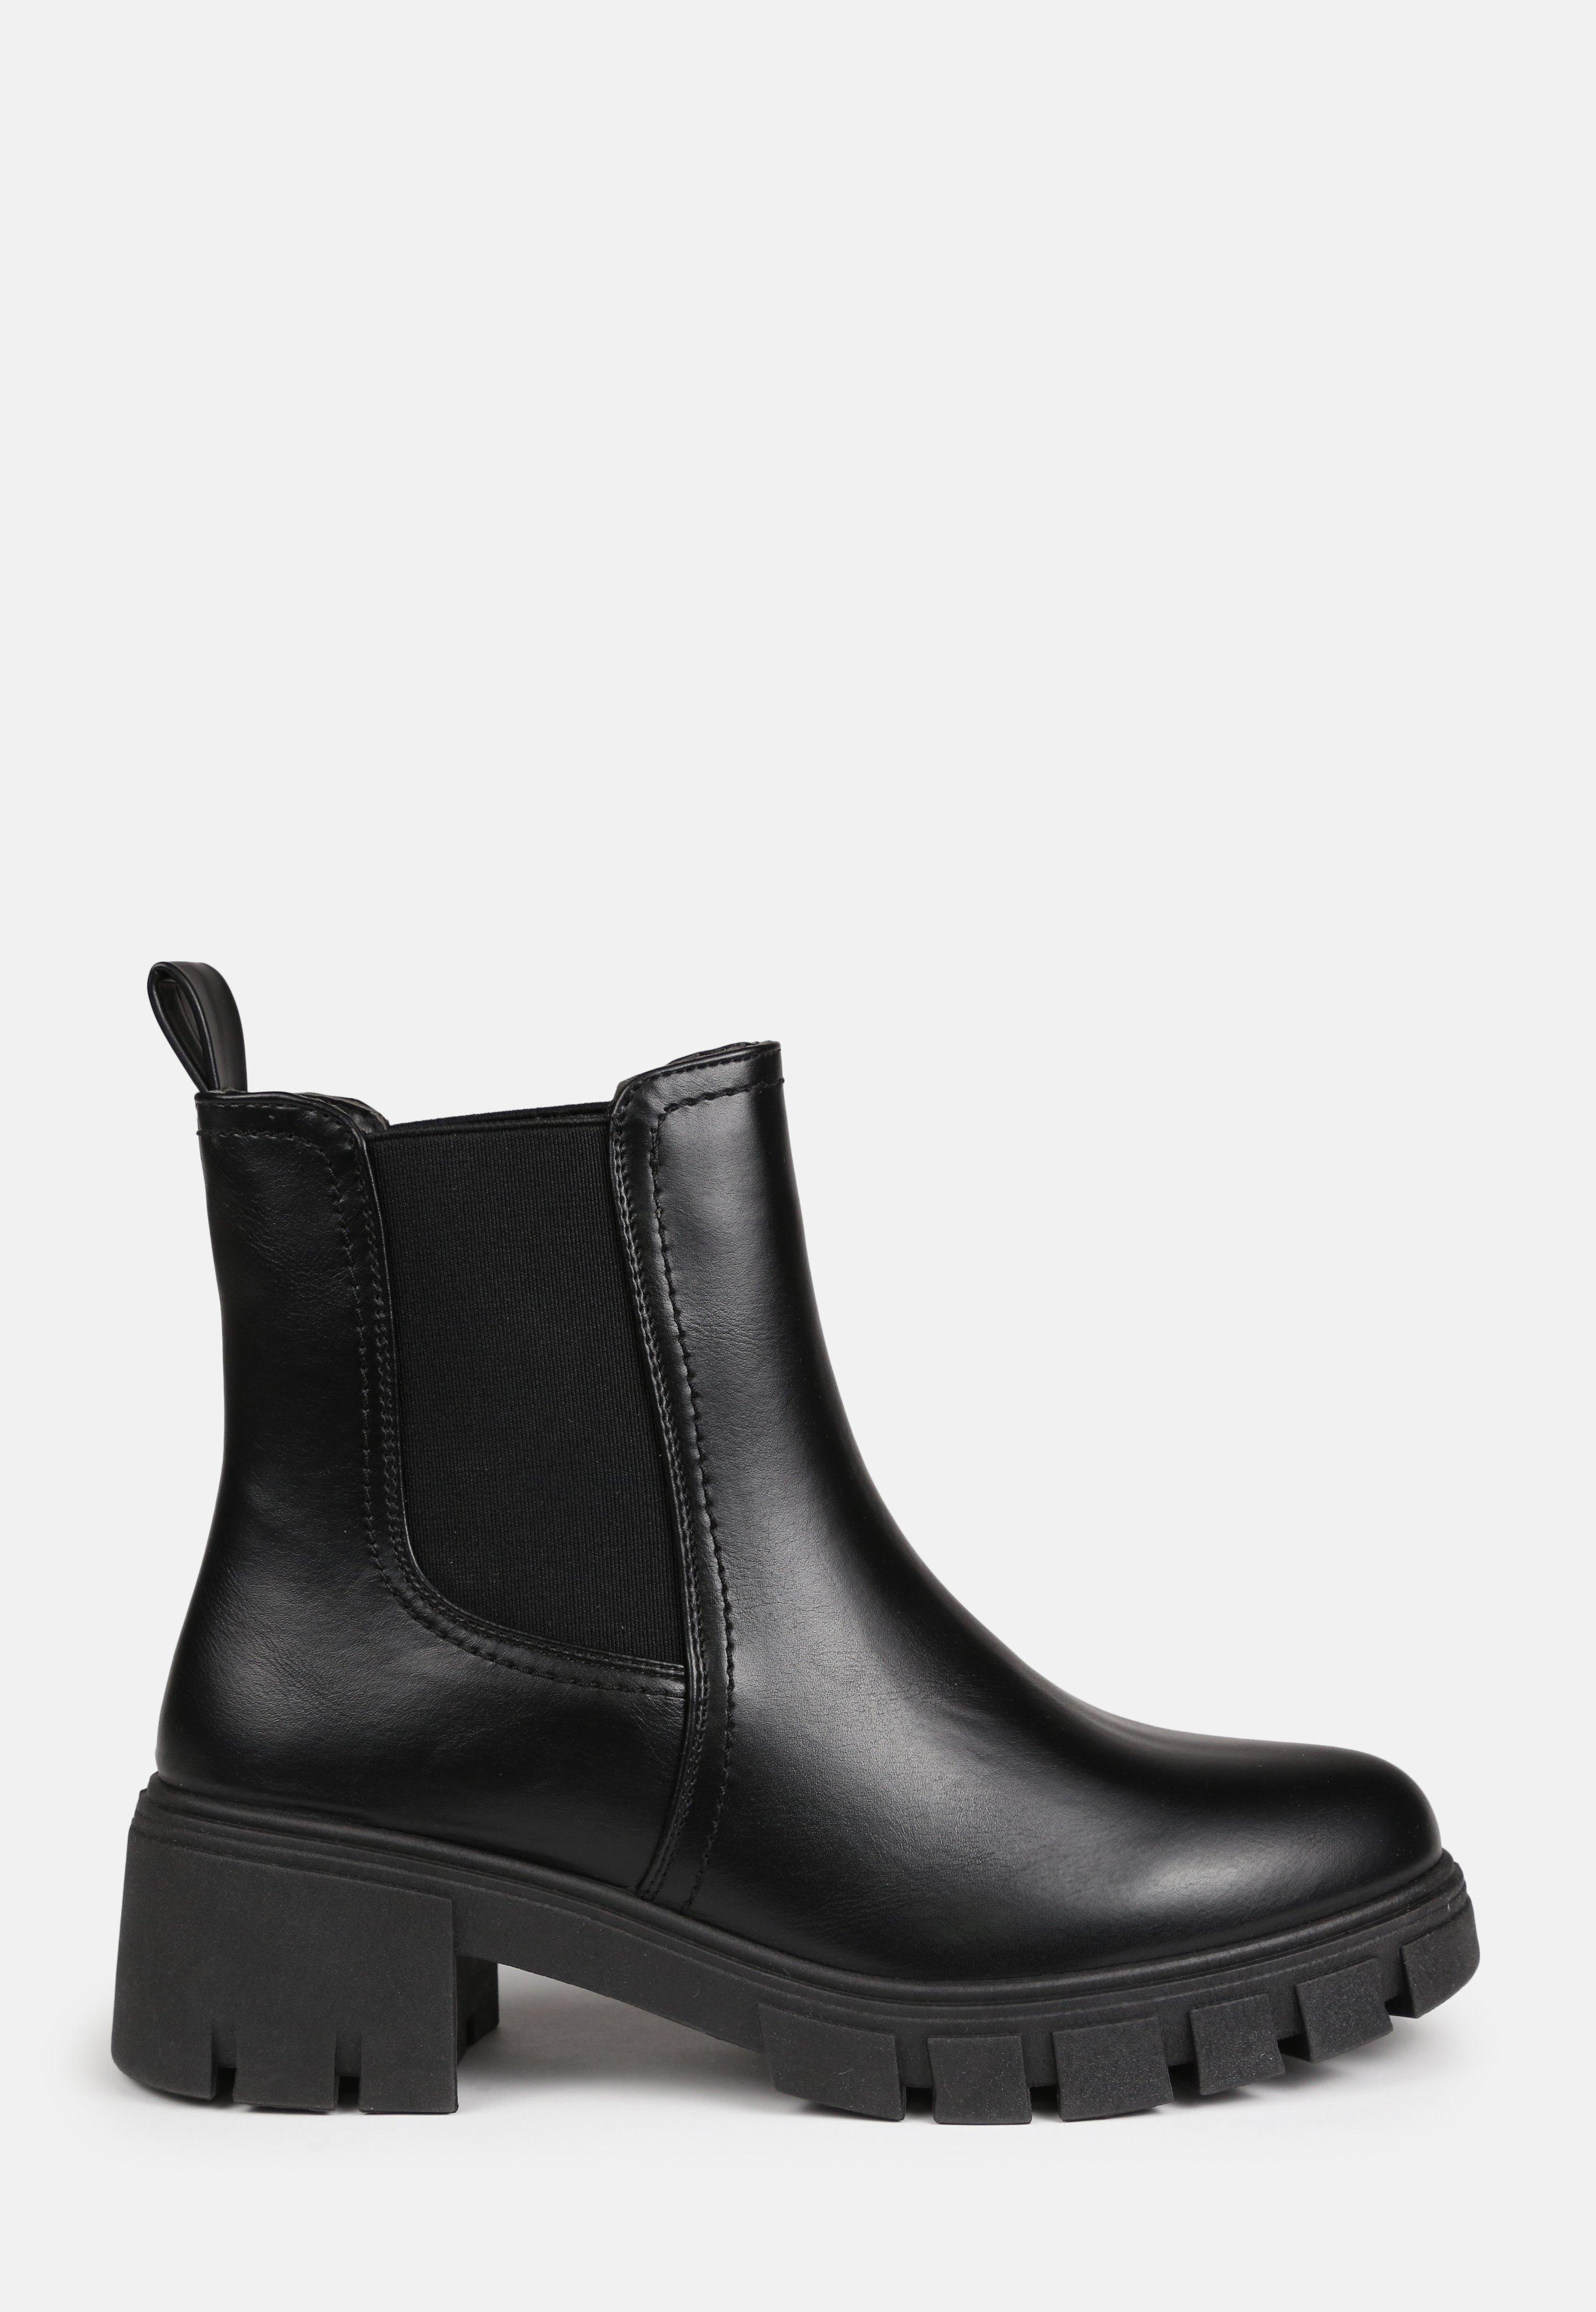 Black Shoes Women S